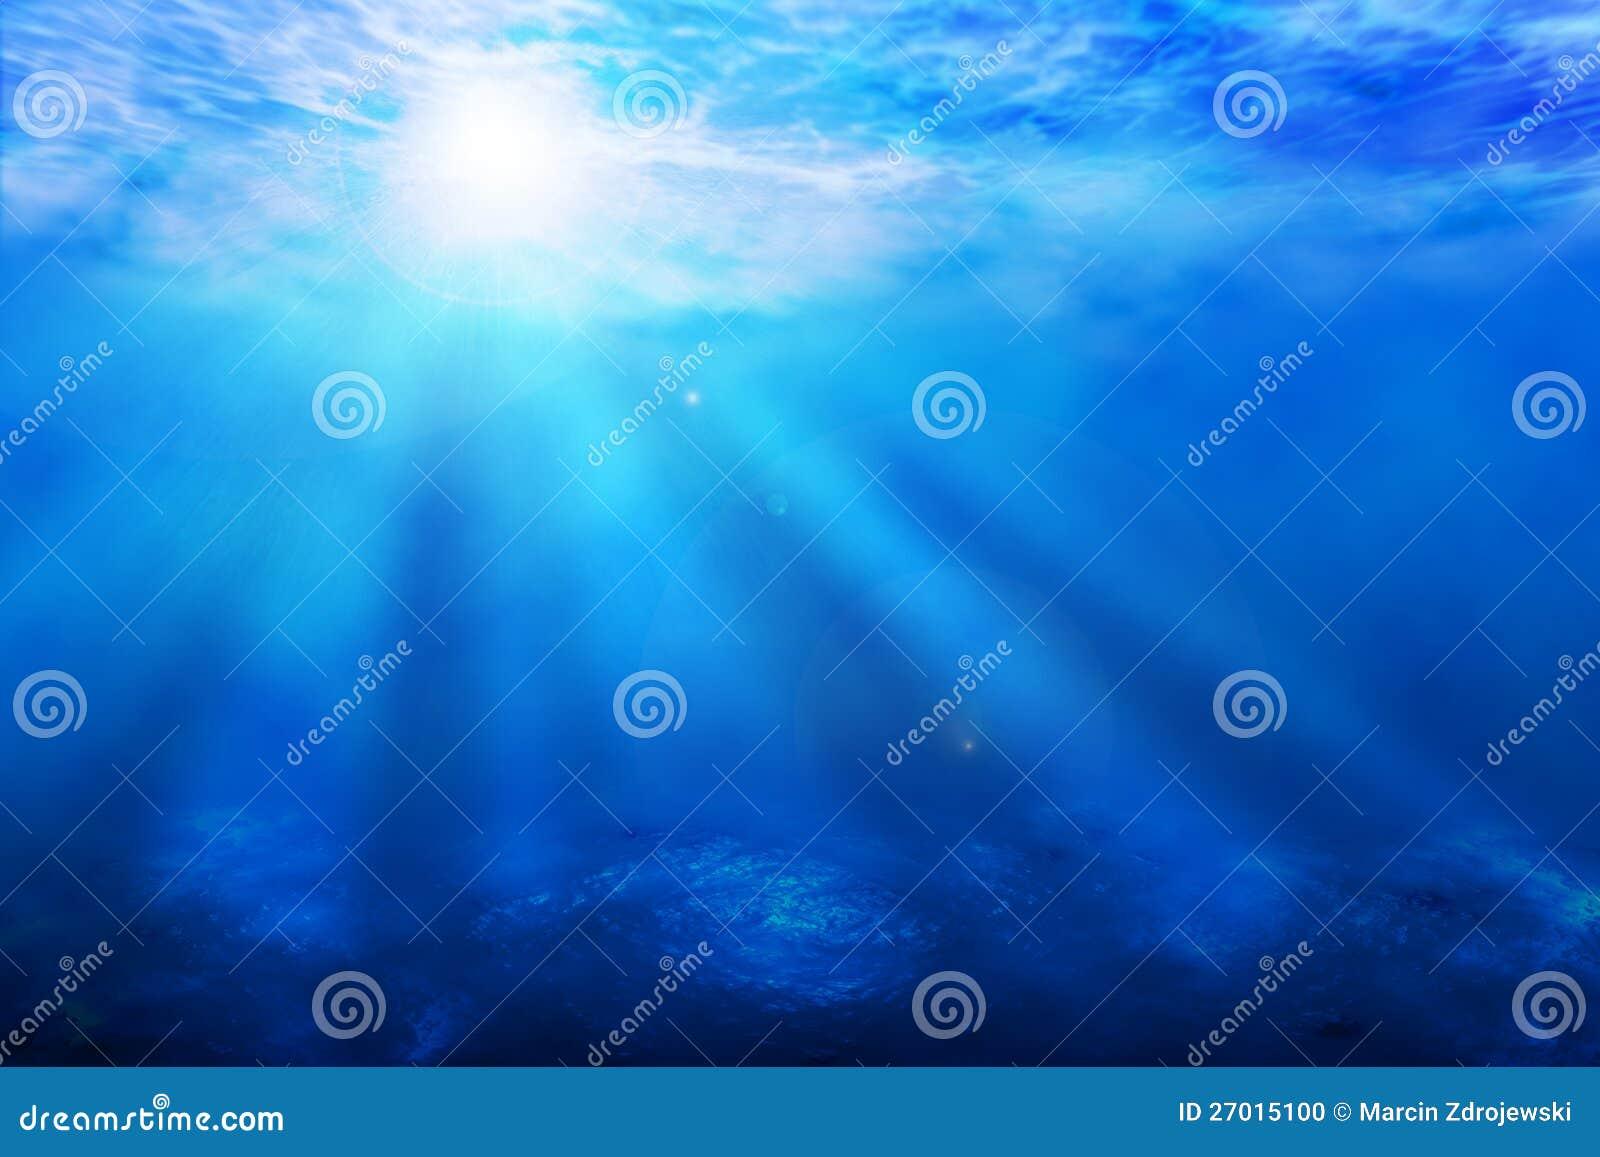 Μπλε ωκεάνια υποβρύχια ανασκόπηση ακτίνων ήλιων